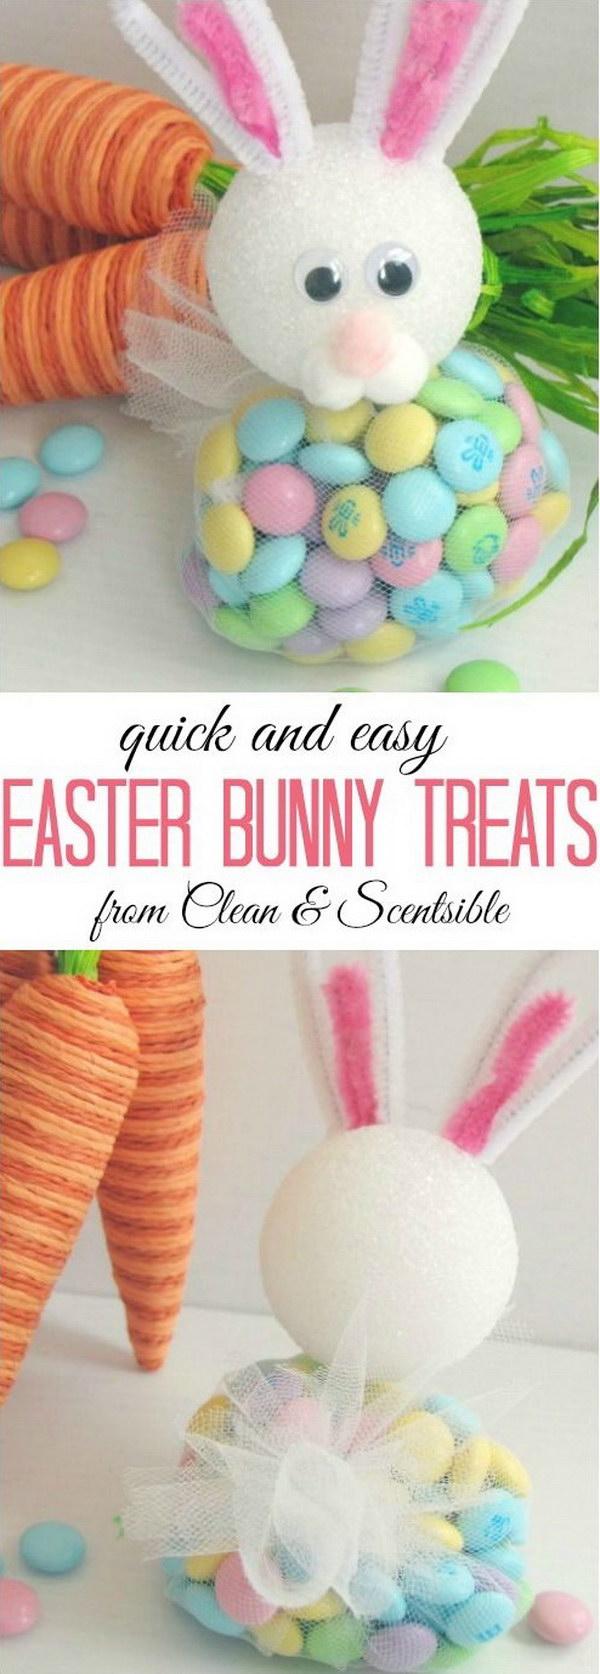 10 Last Minute DIY Easter Ideas   Hative